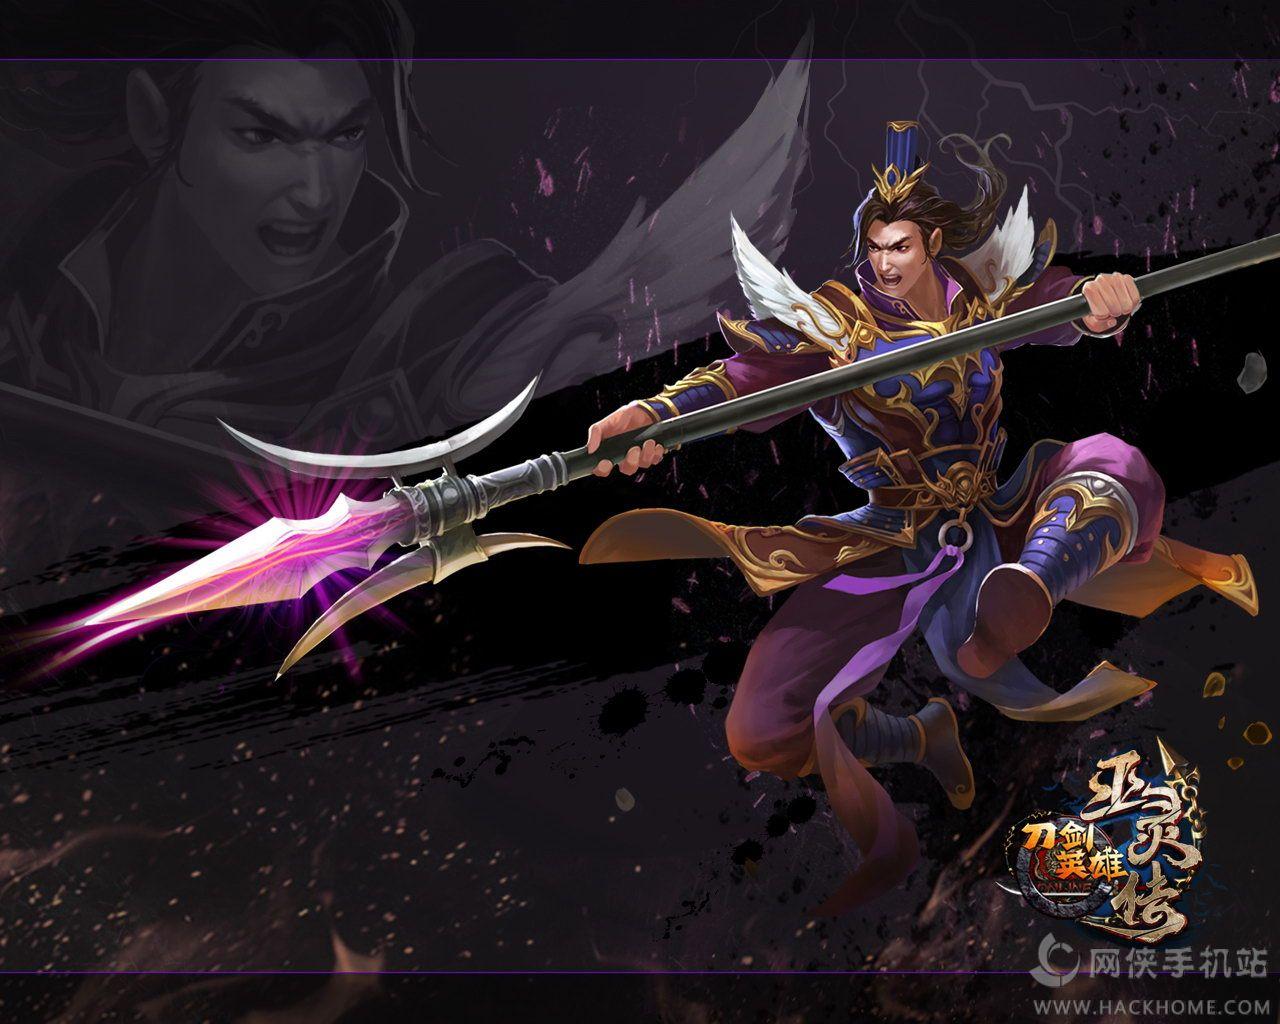 刀剑英雄手机游戏官方网站图4: